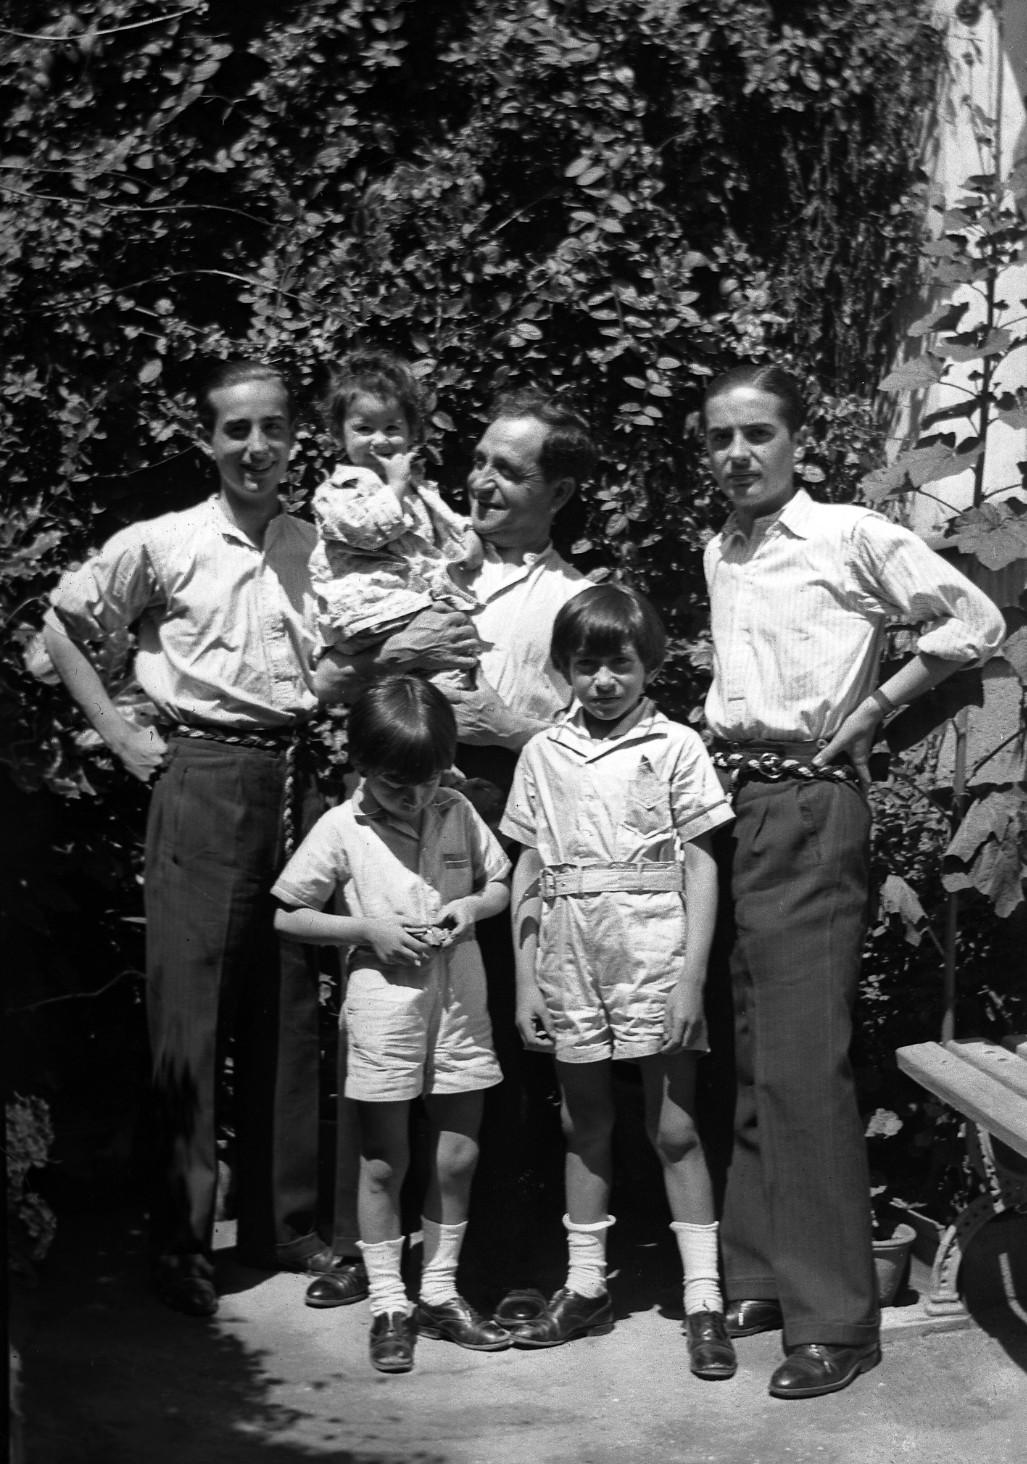 1931.1. JHC, izda., en el chalet de Francisco Navacerrada con su padre y hermanos Mari Lola, Luis, Andrés y Augusto, Madrid, verano 1931